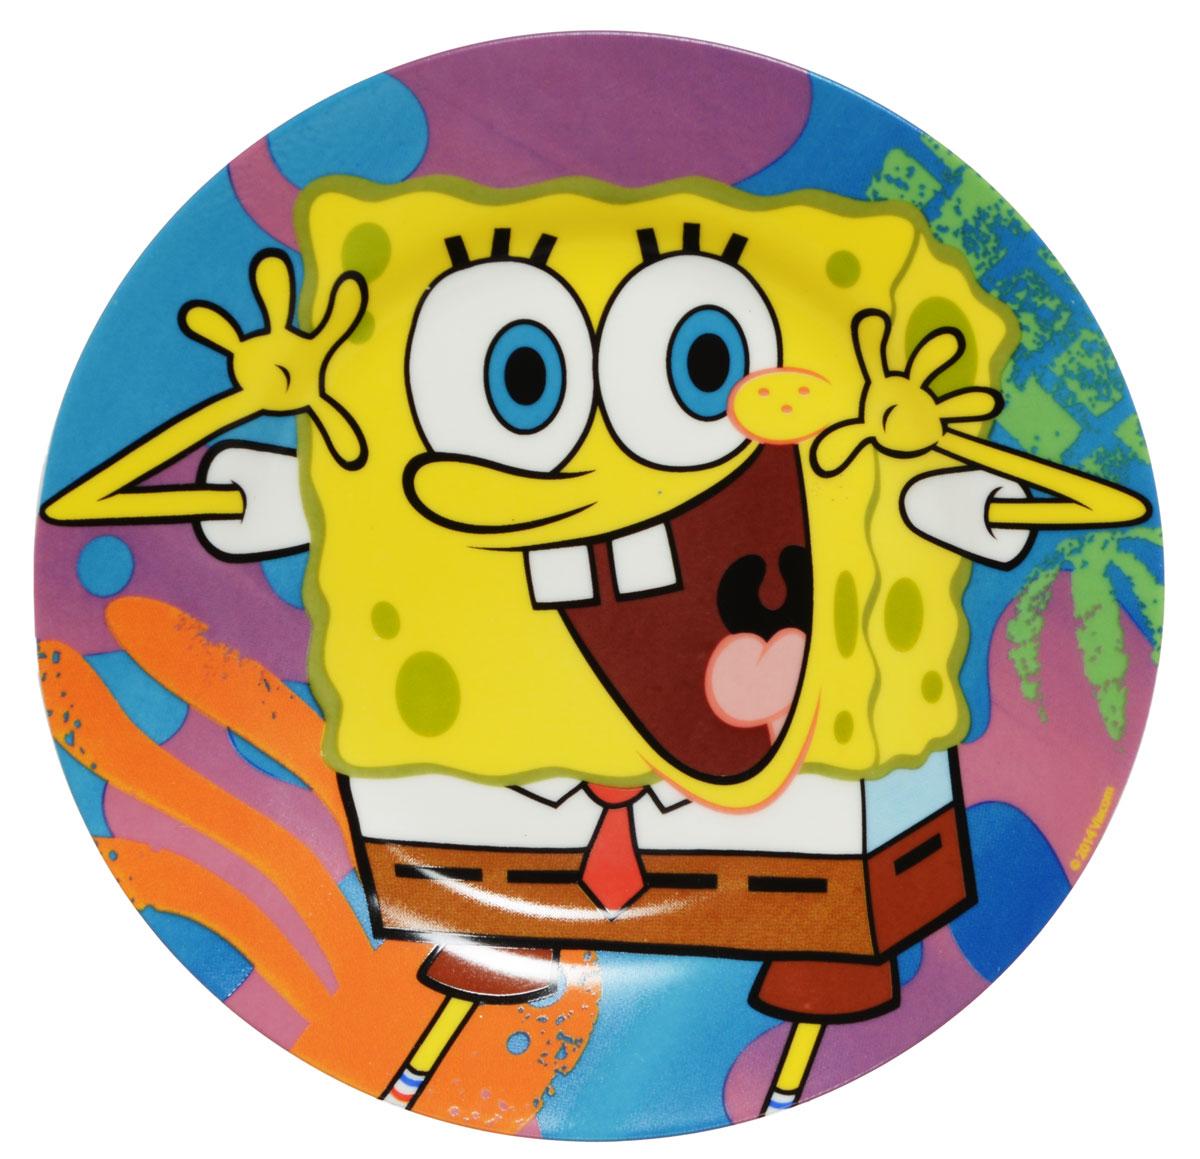 Губка Боб Тарелка детская Яркий мир диаметр 19 смSBP190-2Яркая тарелка Губка Боб Яркий мир идеально подойдет для кормления малыша и самостоятельного приема им пищи. Тарелка выполнена из керамики и оформлена высококачественным изображением героя мультфильма Губка Боб. Такой подарок станет не только приятным, но и практичным сувениром, добавит ярких эмоций вашему ребенку! Можно использовать в СВЧ-печи и посудомоечной машине.